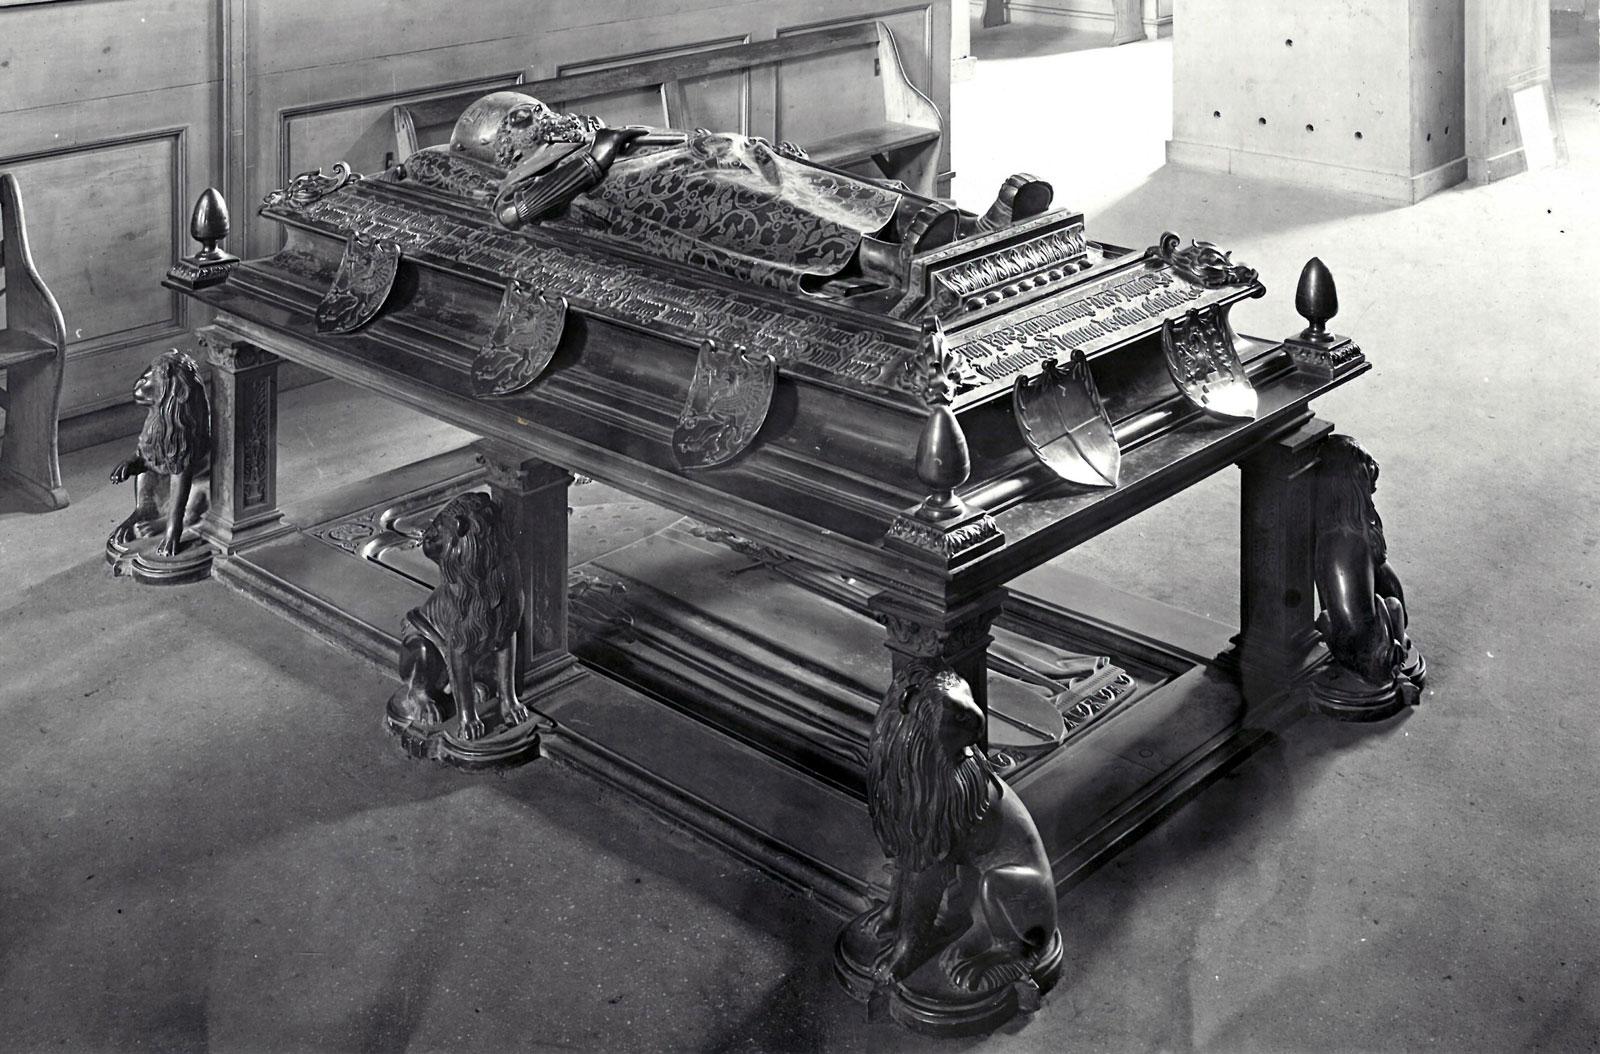 Grabmal für Kurfürst Johann Cicero, Hans Vischer, 1530, Institut für Denkmalpflege Meßbildarchiv